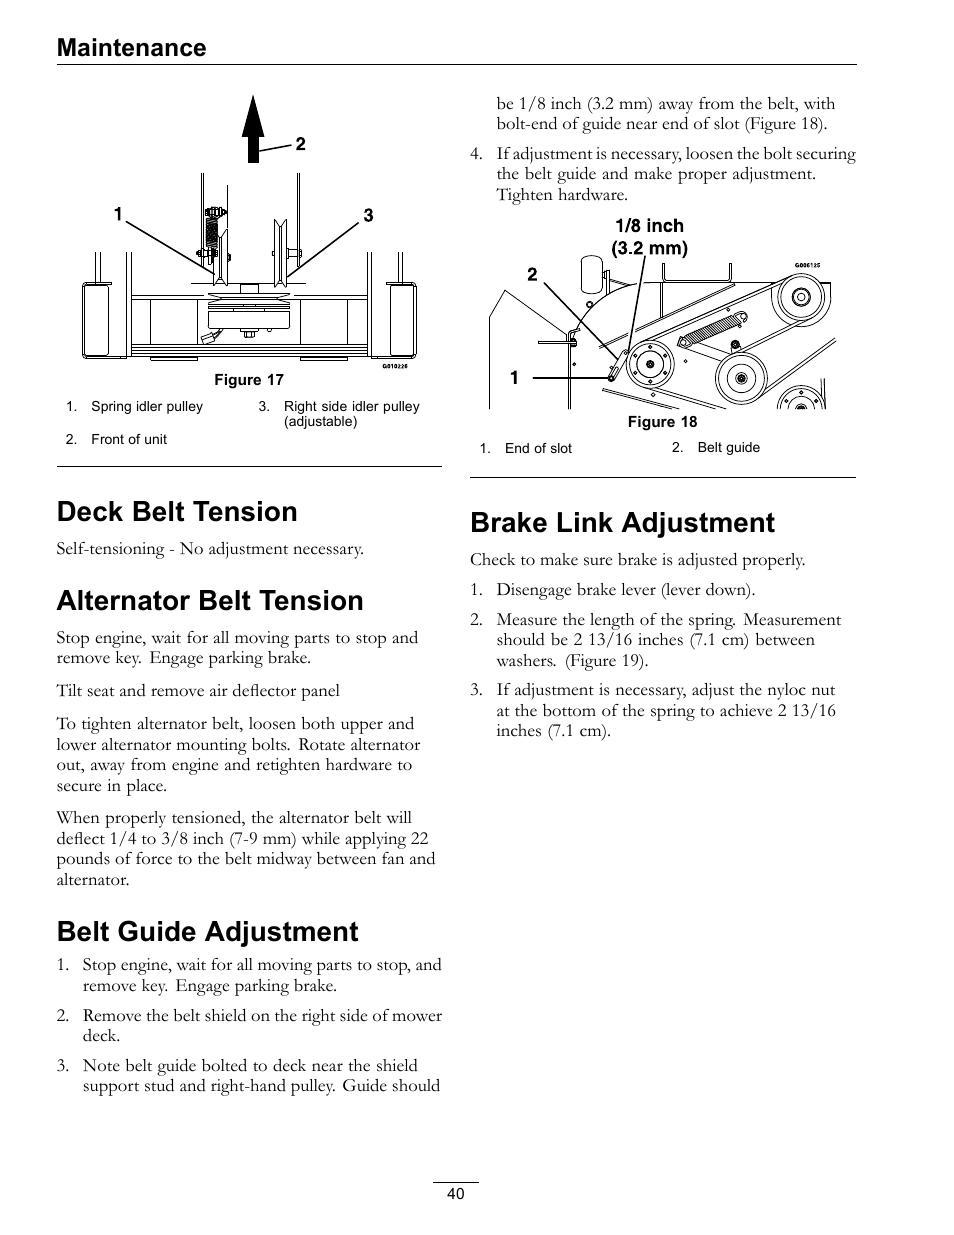 Deck belt tension, Figure 17, Alternator belt tension